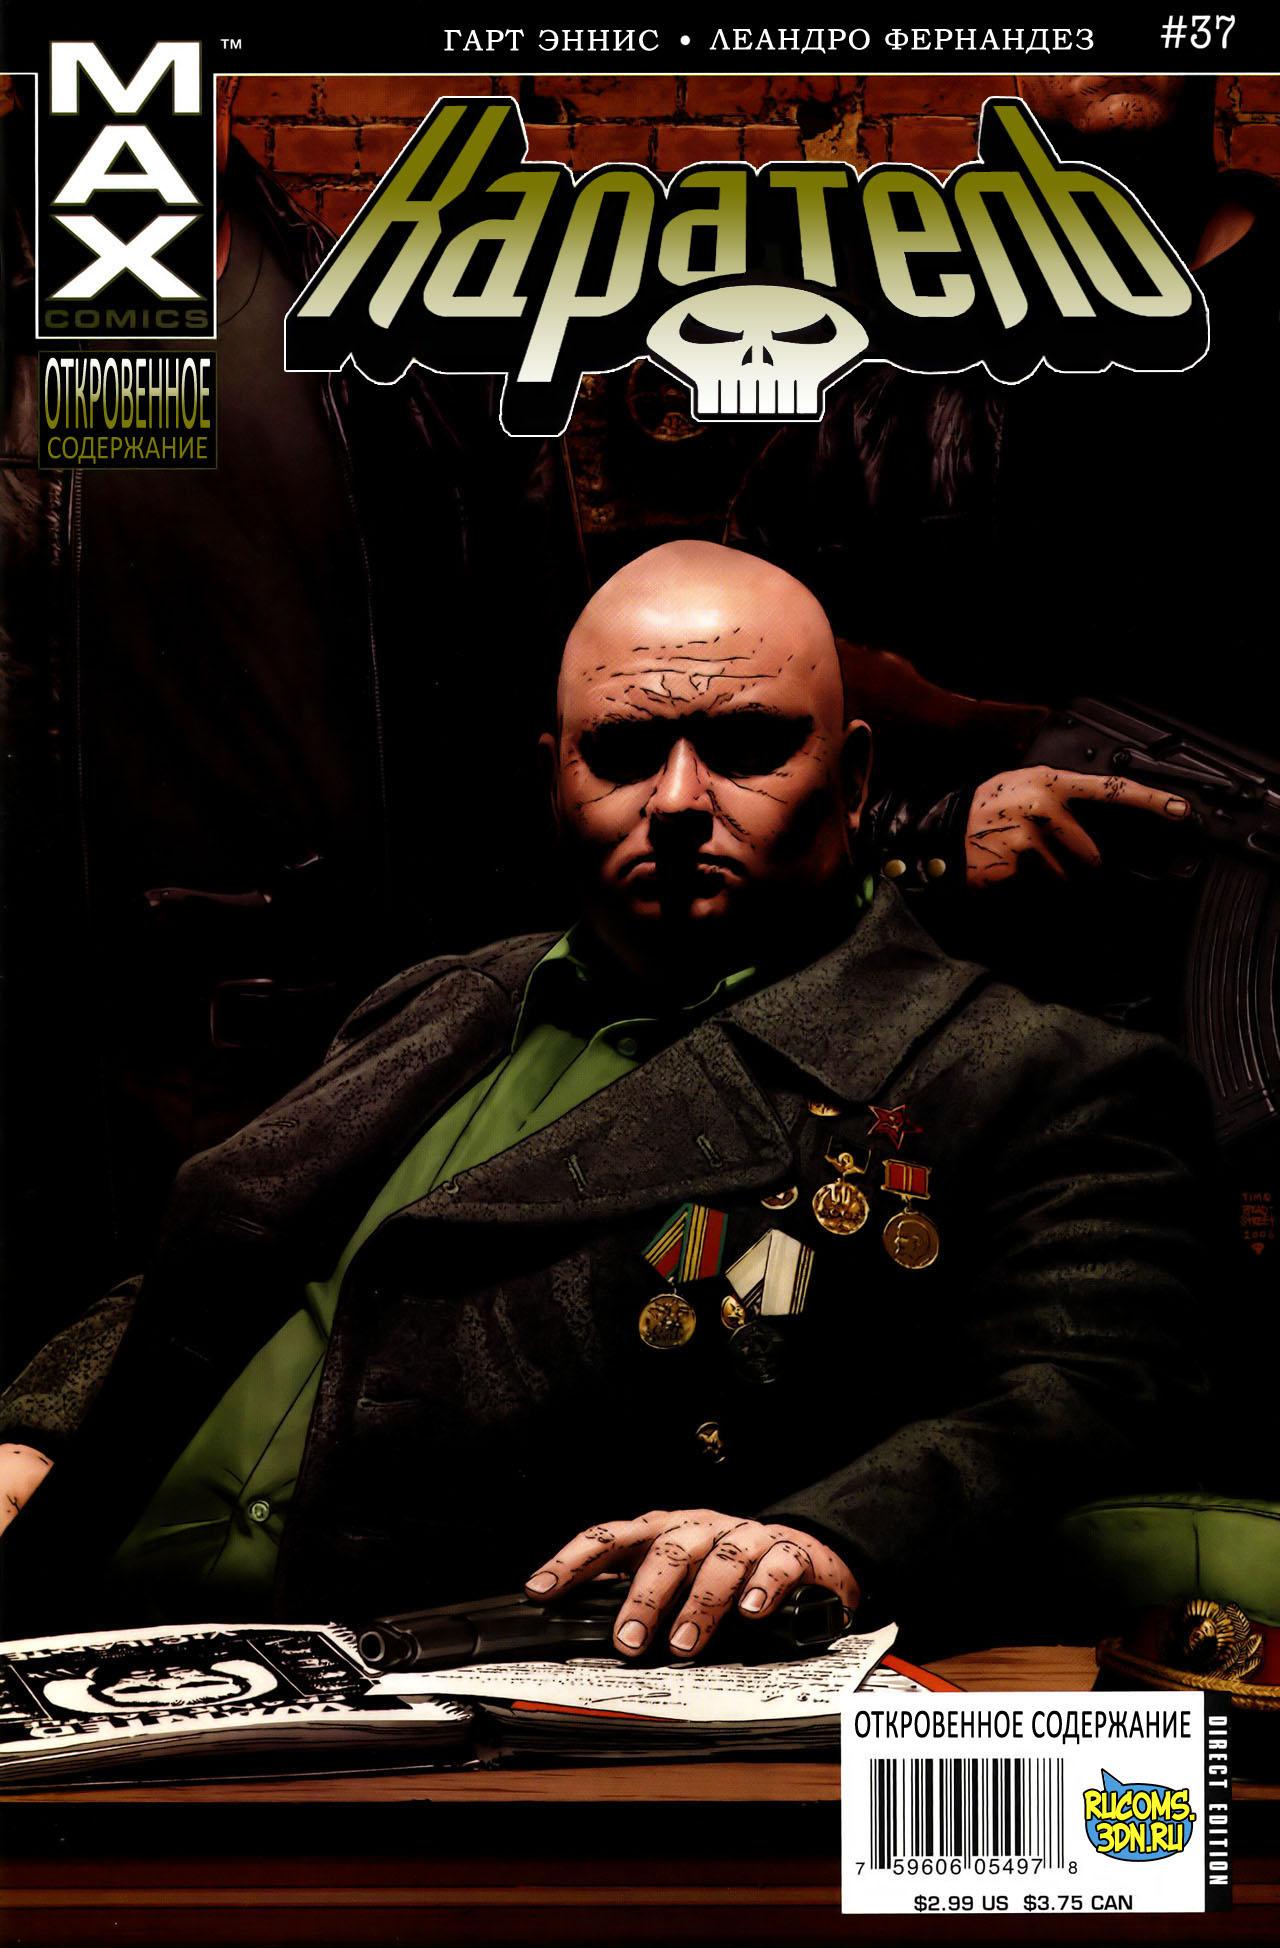 Комиксы Онлайн - Каратель том 6 - # 37 Человек из камня - часть первая - Страница №1 - Punisher vol 6 - # 37